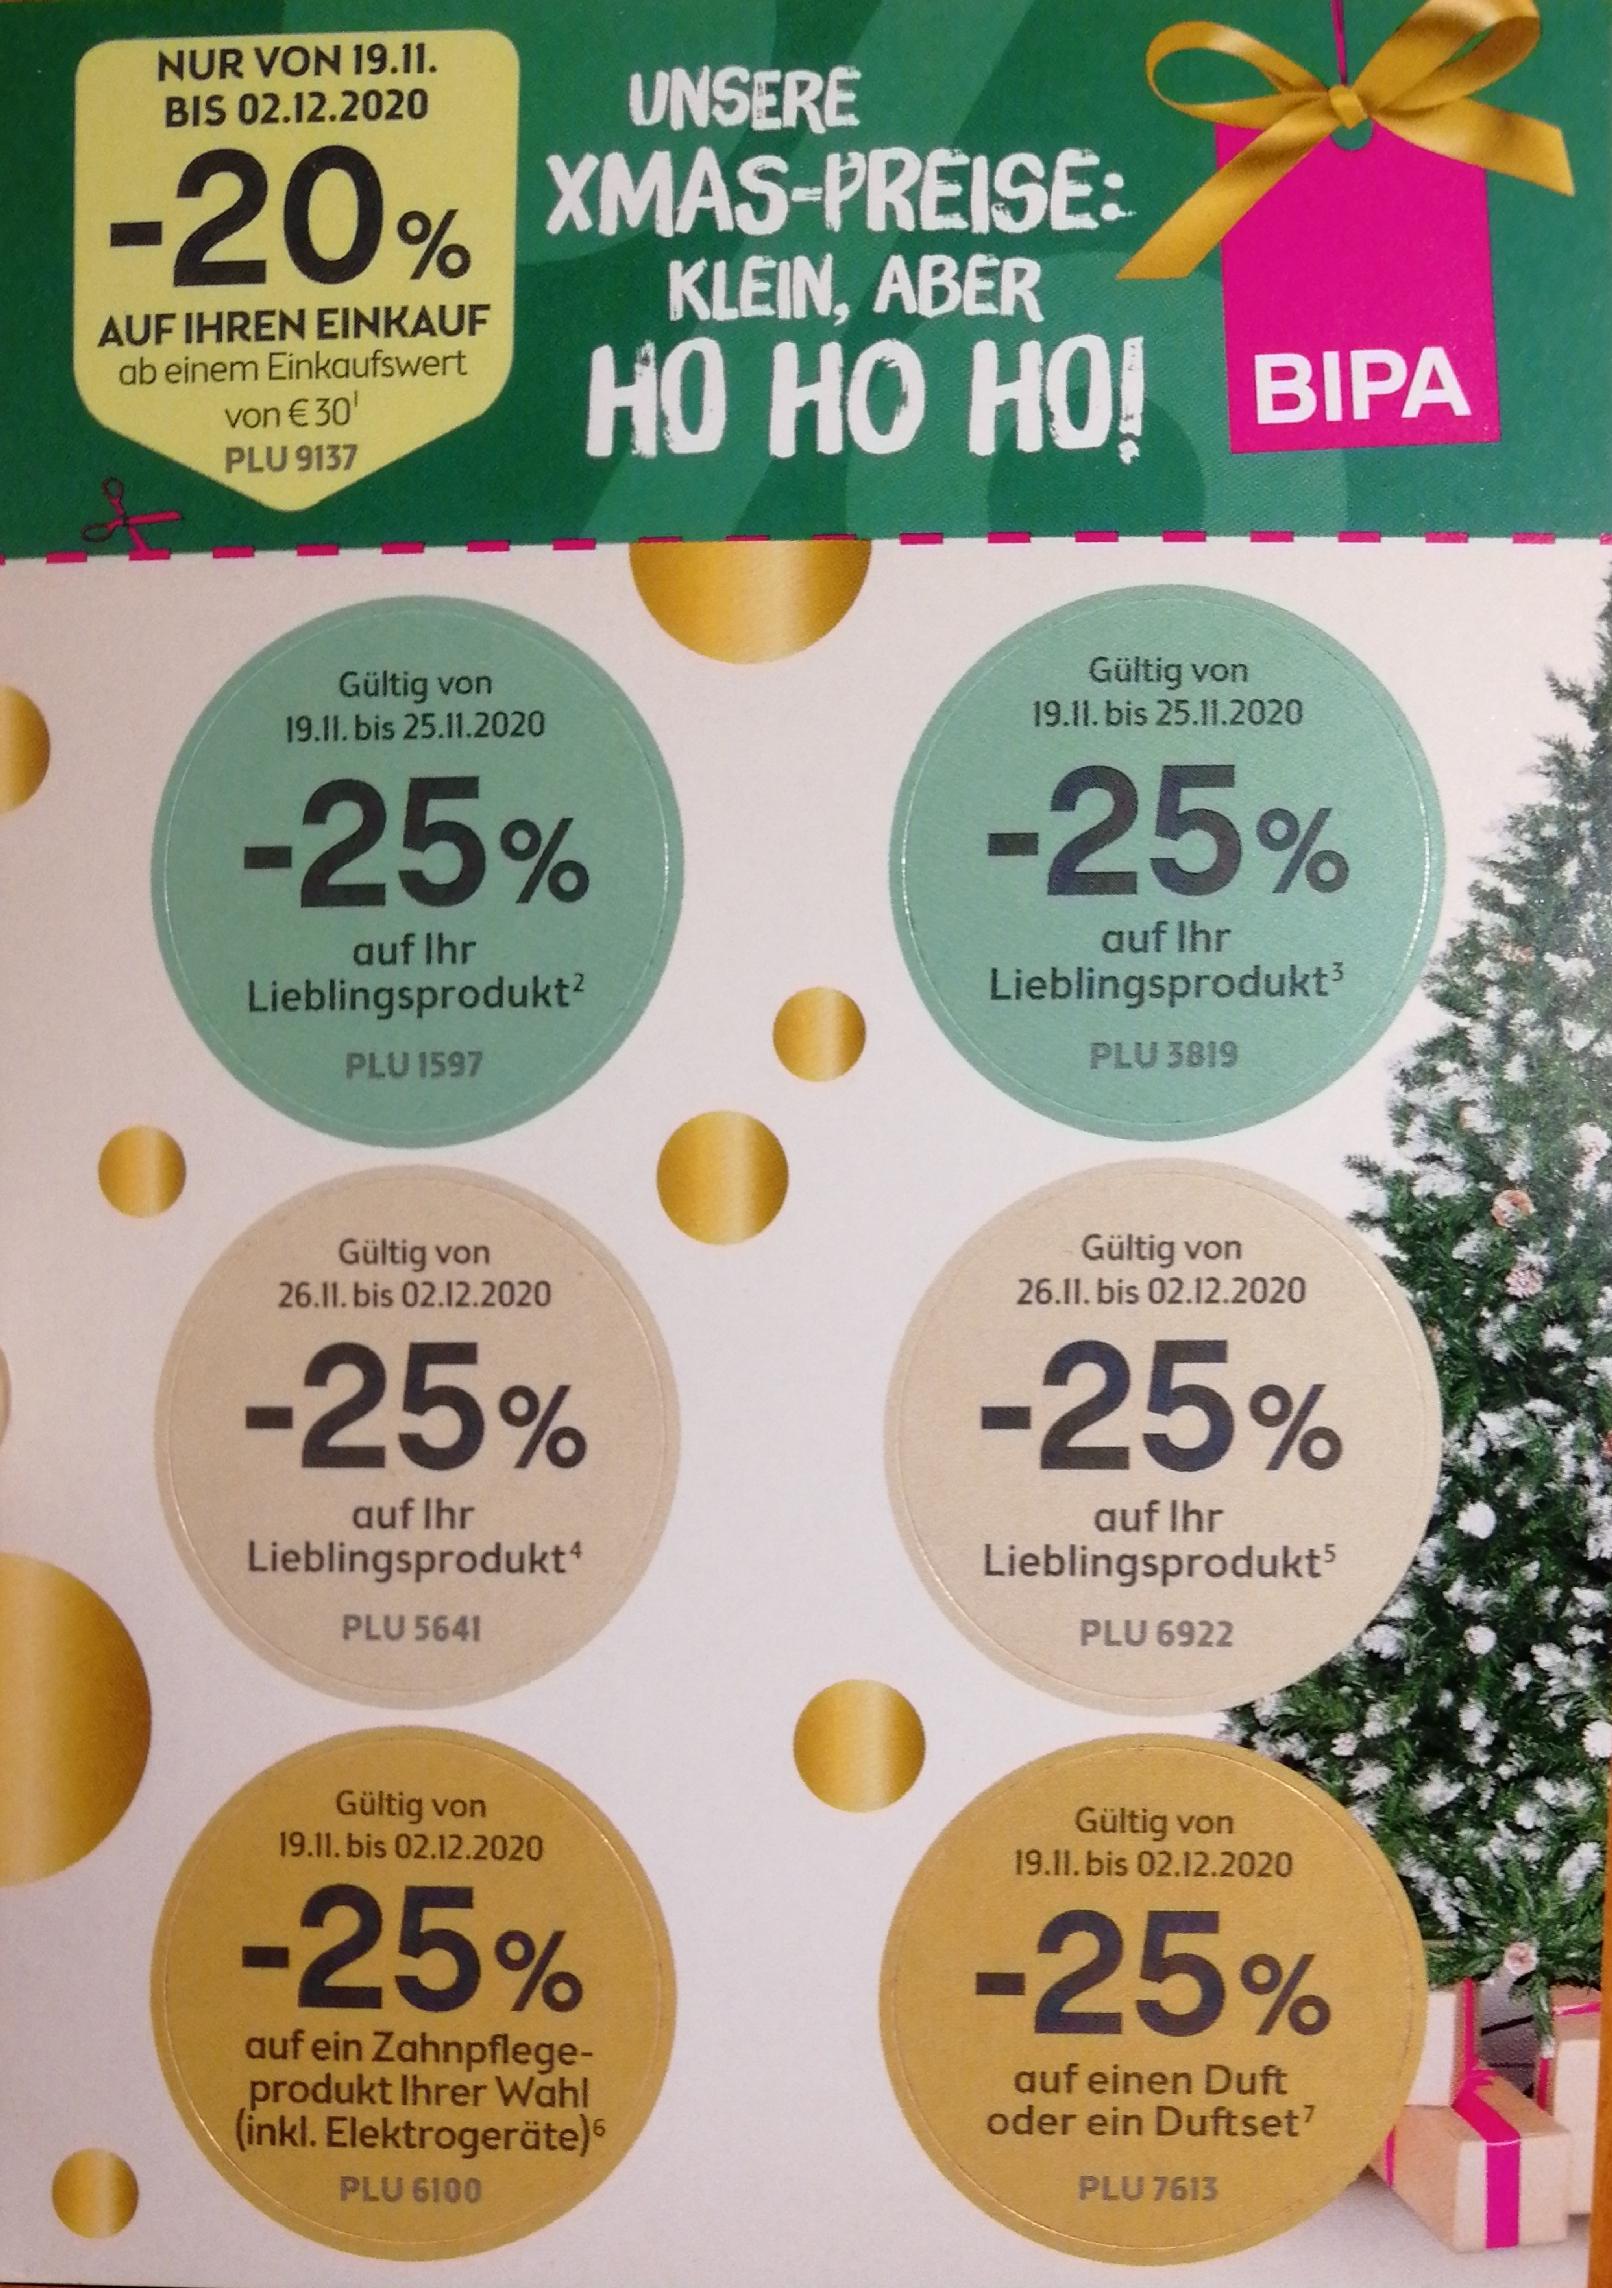 BIPA -25% Sticker & -20% GS ab €30 Einkaufswert; offline & online